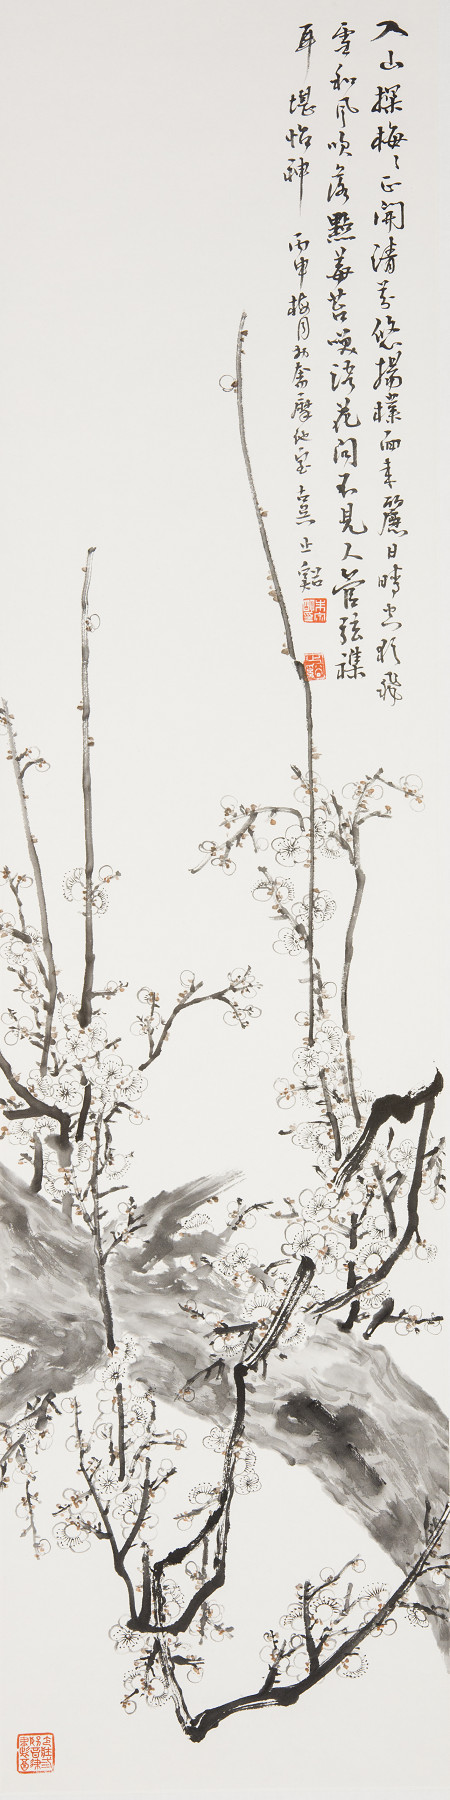 朱宗明國畫作品《清芬悠揚》136×34cm (4.1平尺)